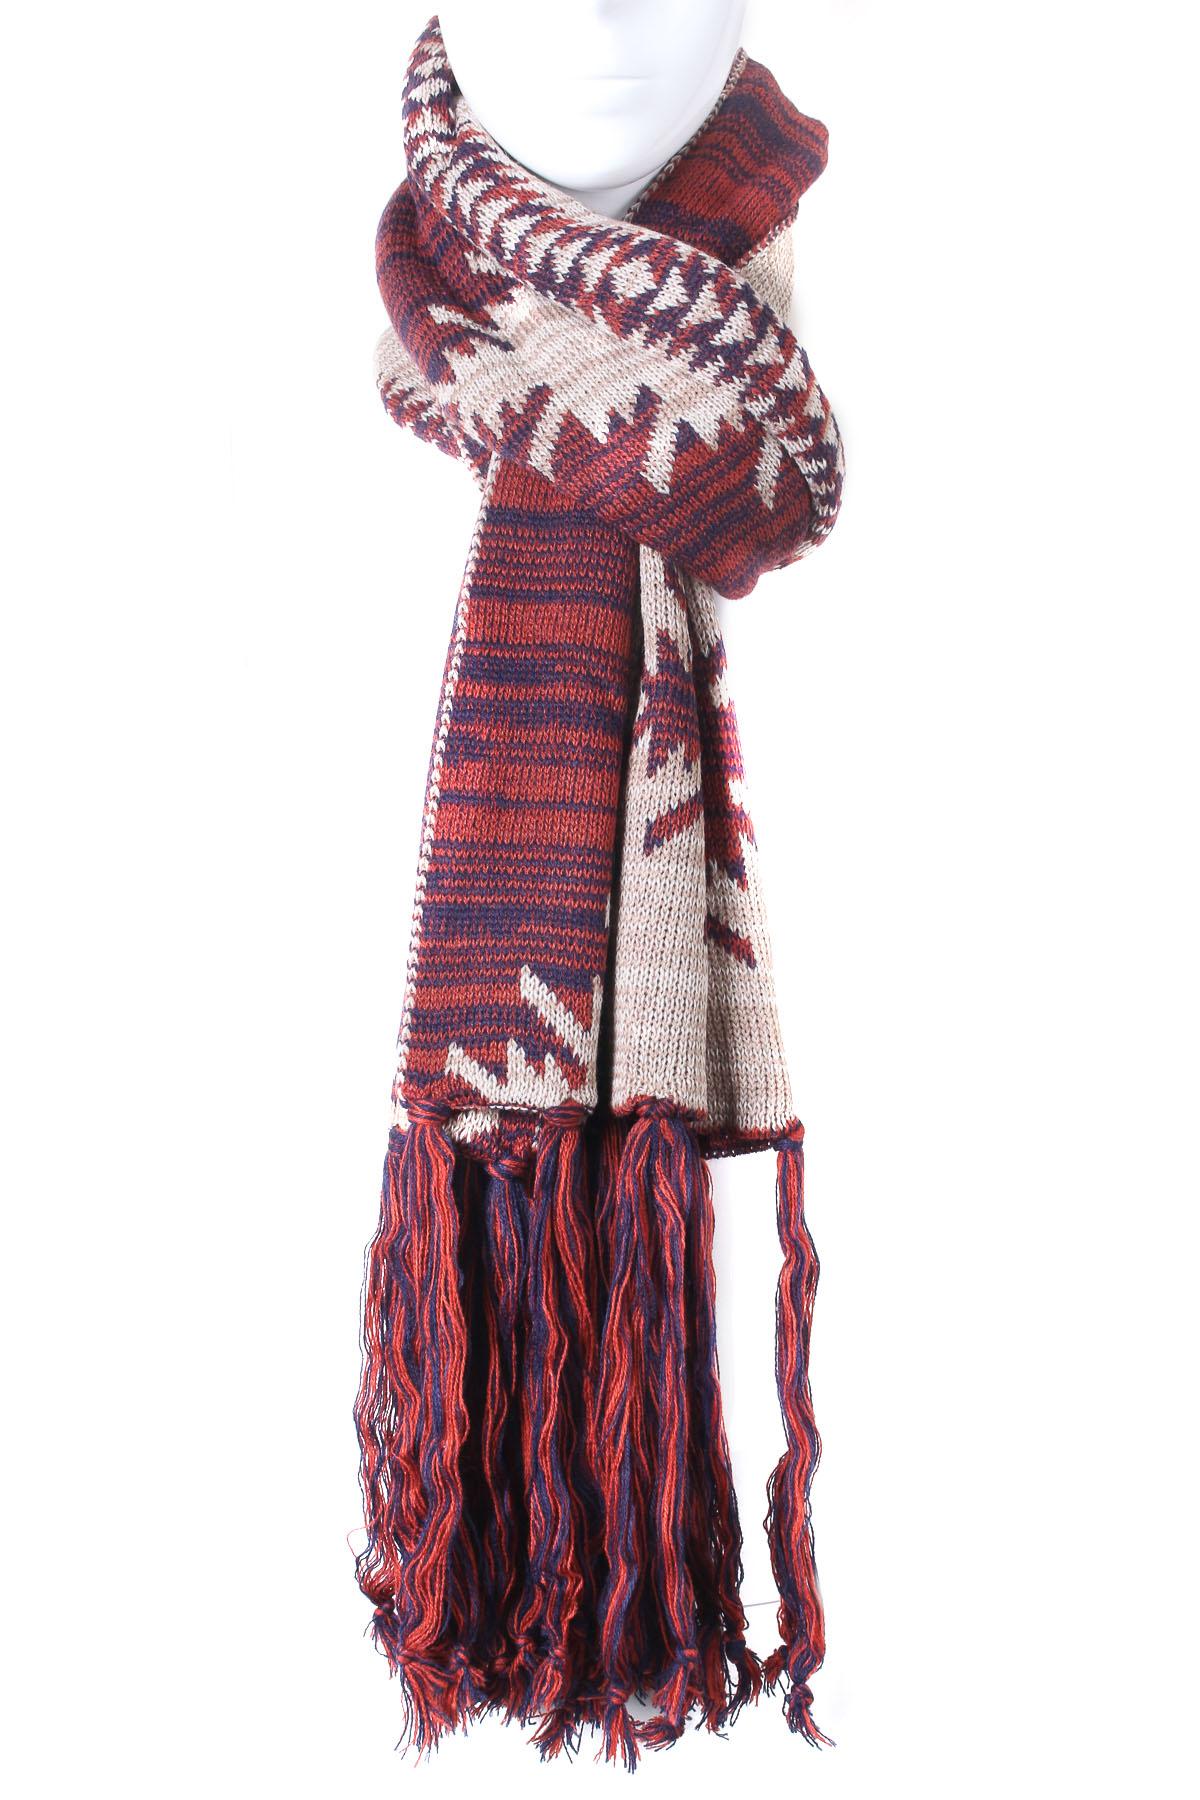 Aztec Knitting Patterns : Knit Aztec Pattern Oblong Scarf - Scarves